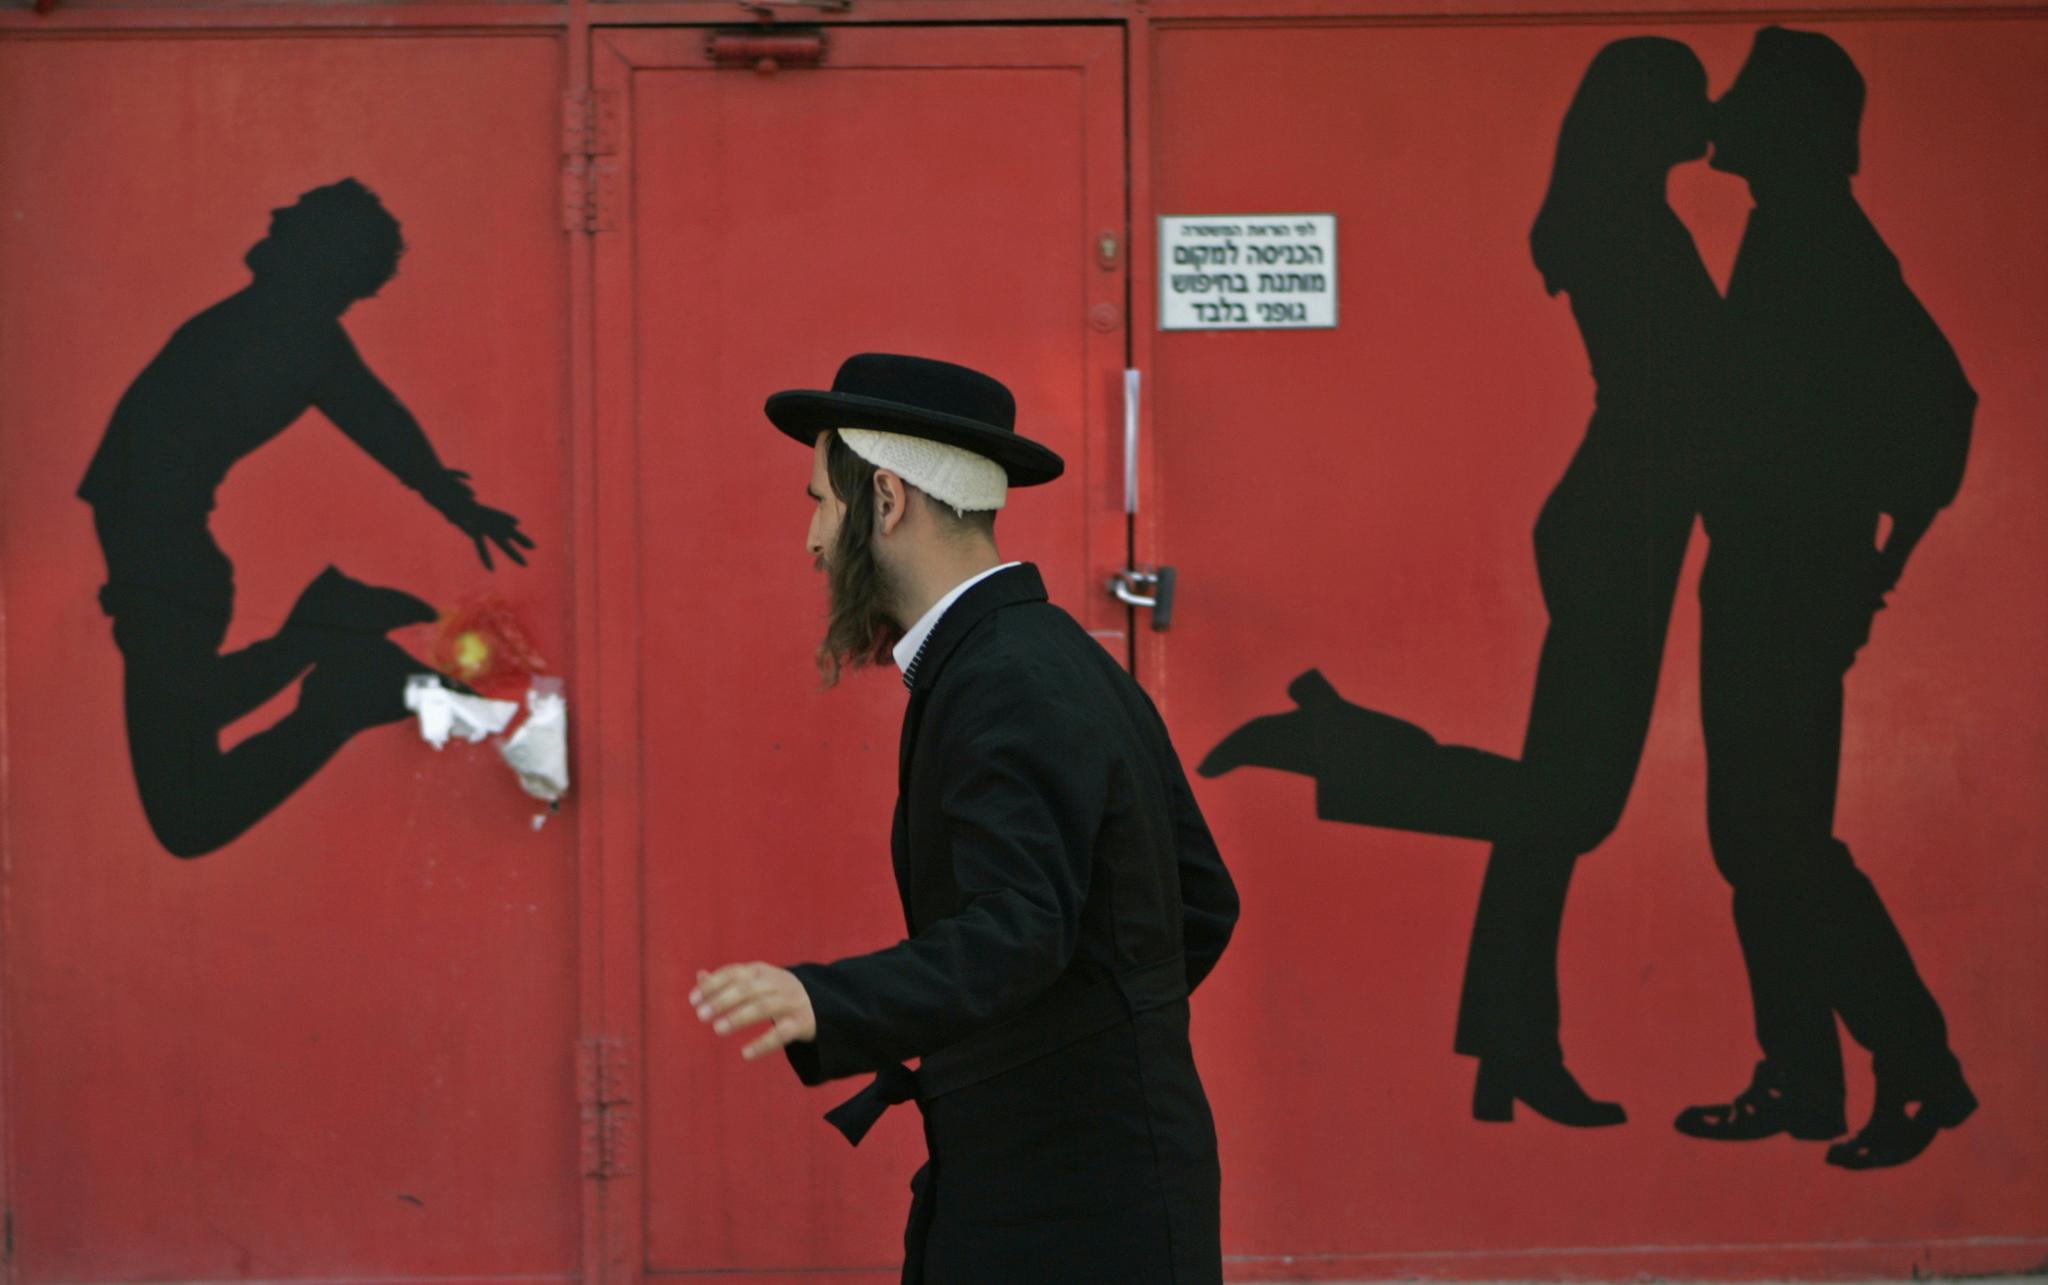 Un judío ultraortodoxo pasa por la entrada de un club de alterne en Tel Aviv.